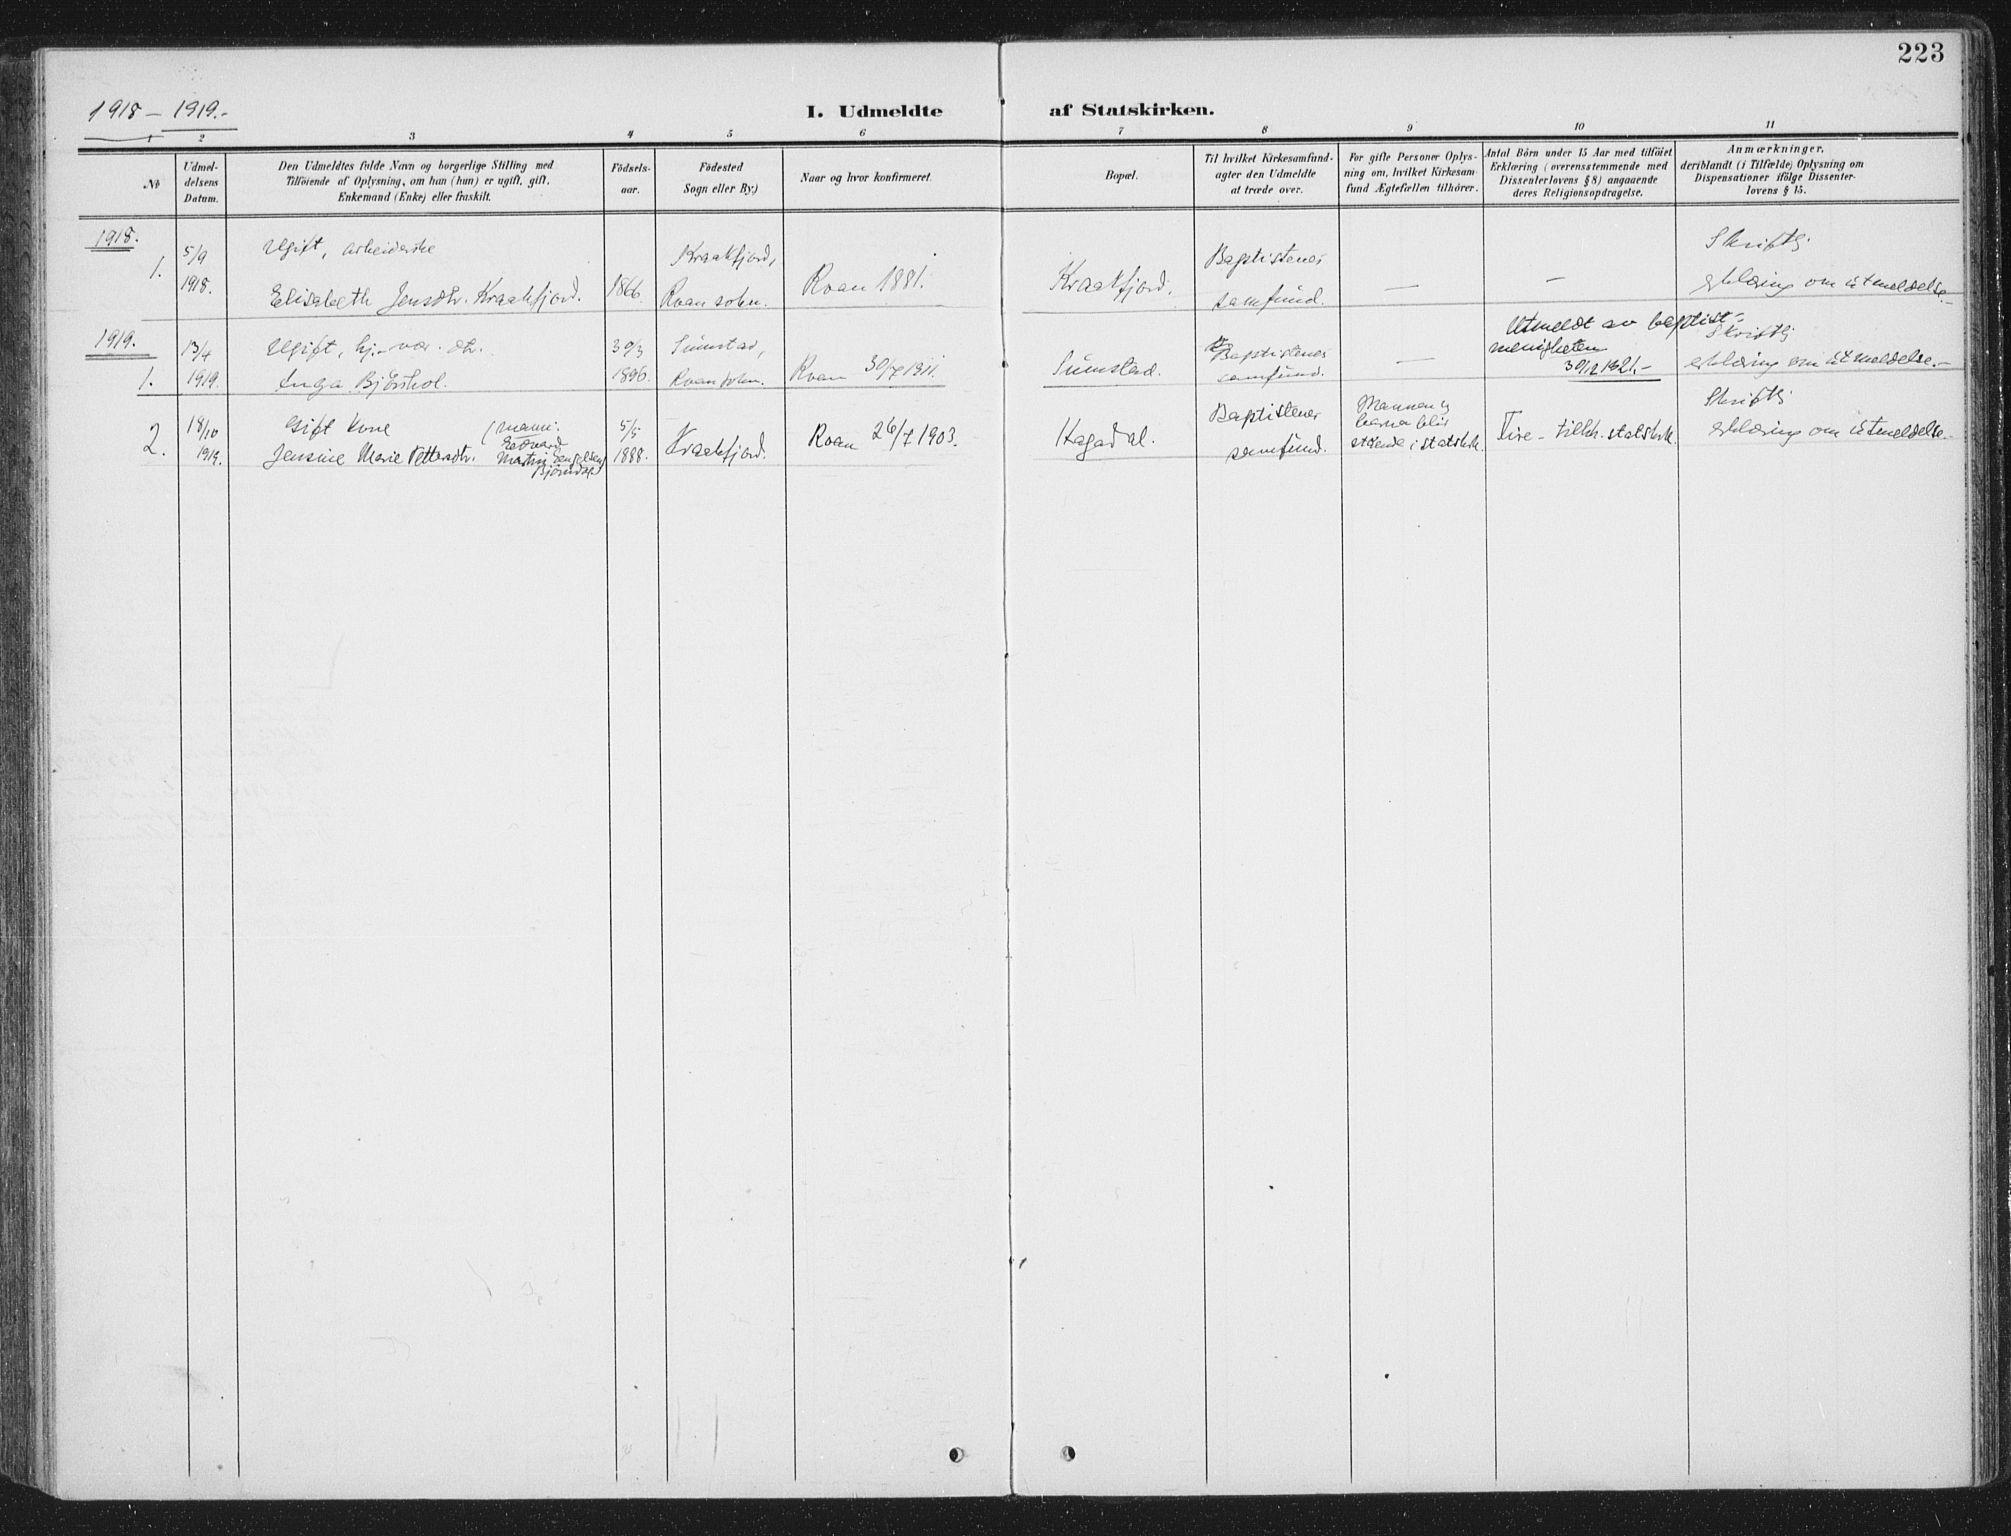 SAT, Ministerialprotokoller, klokkerbøker og fødselsregistre - Sør-Trøndelag, 657/L0709: Ministerialbok nr. 657A10, 1905-1919, s. 223